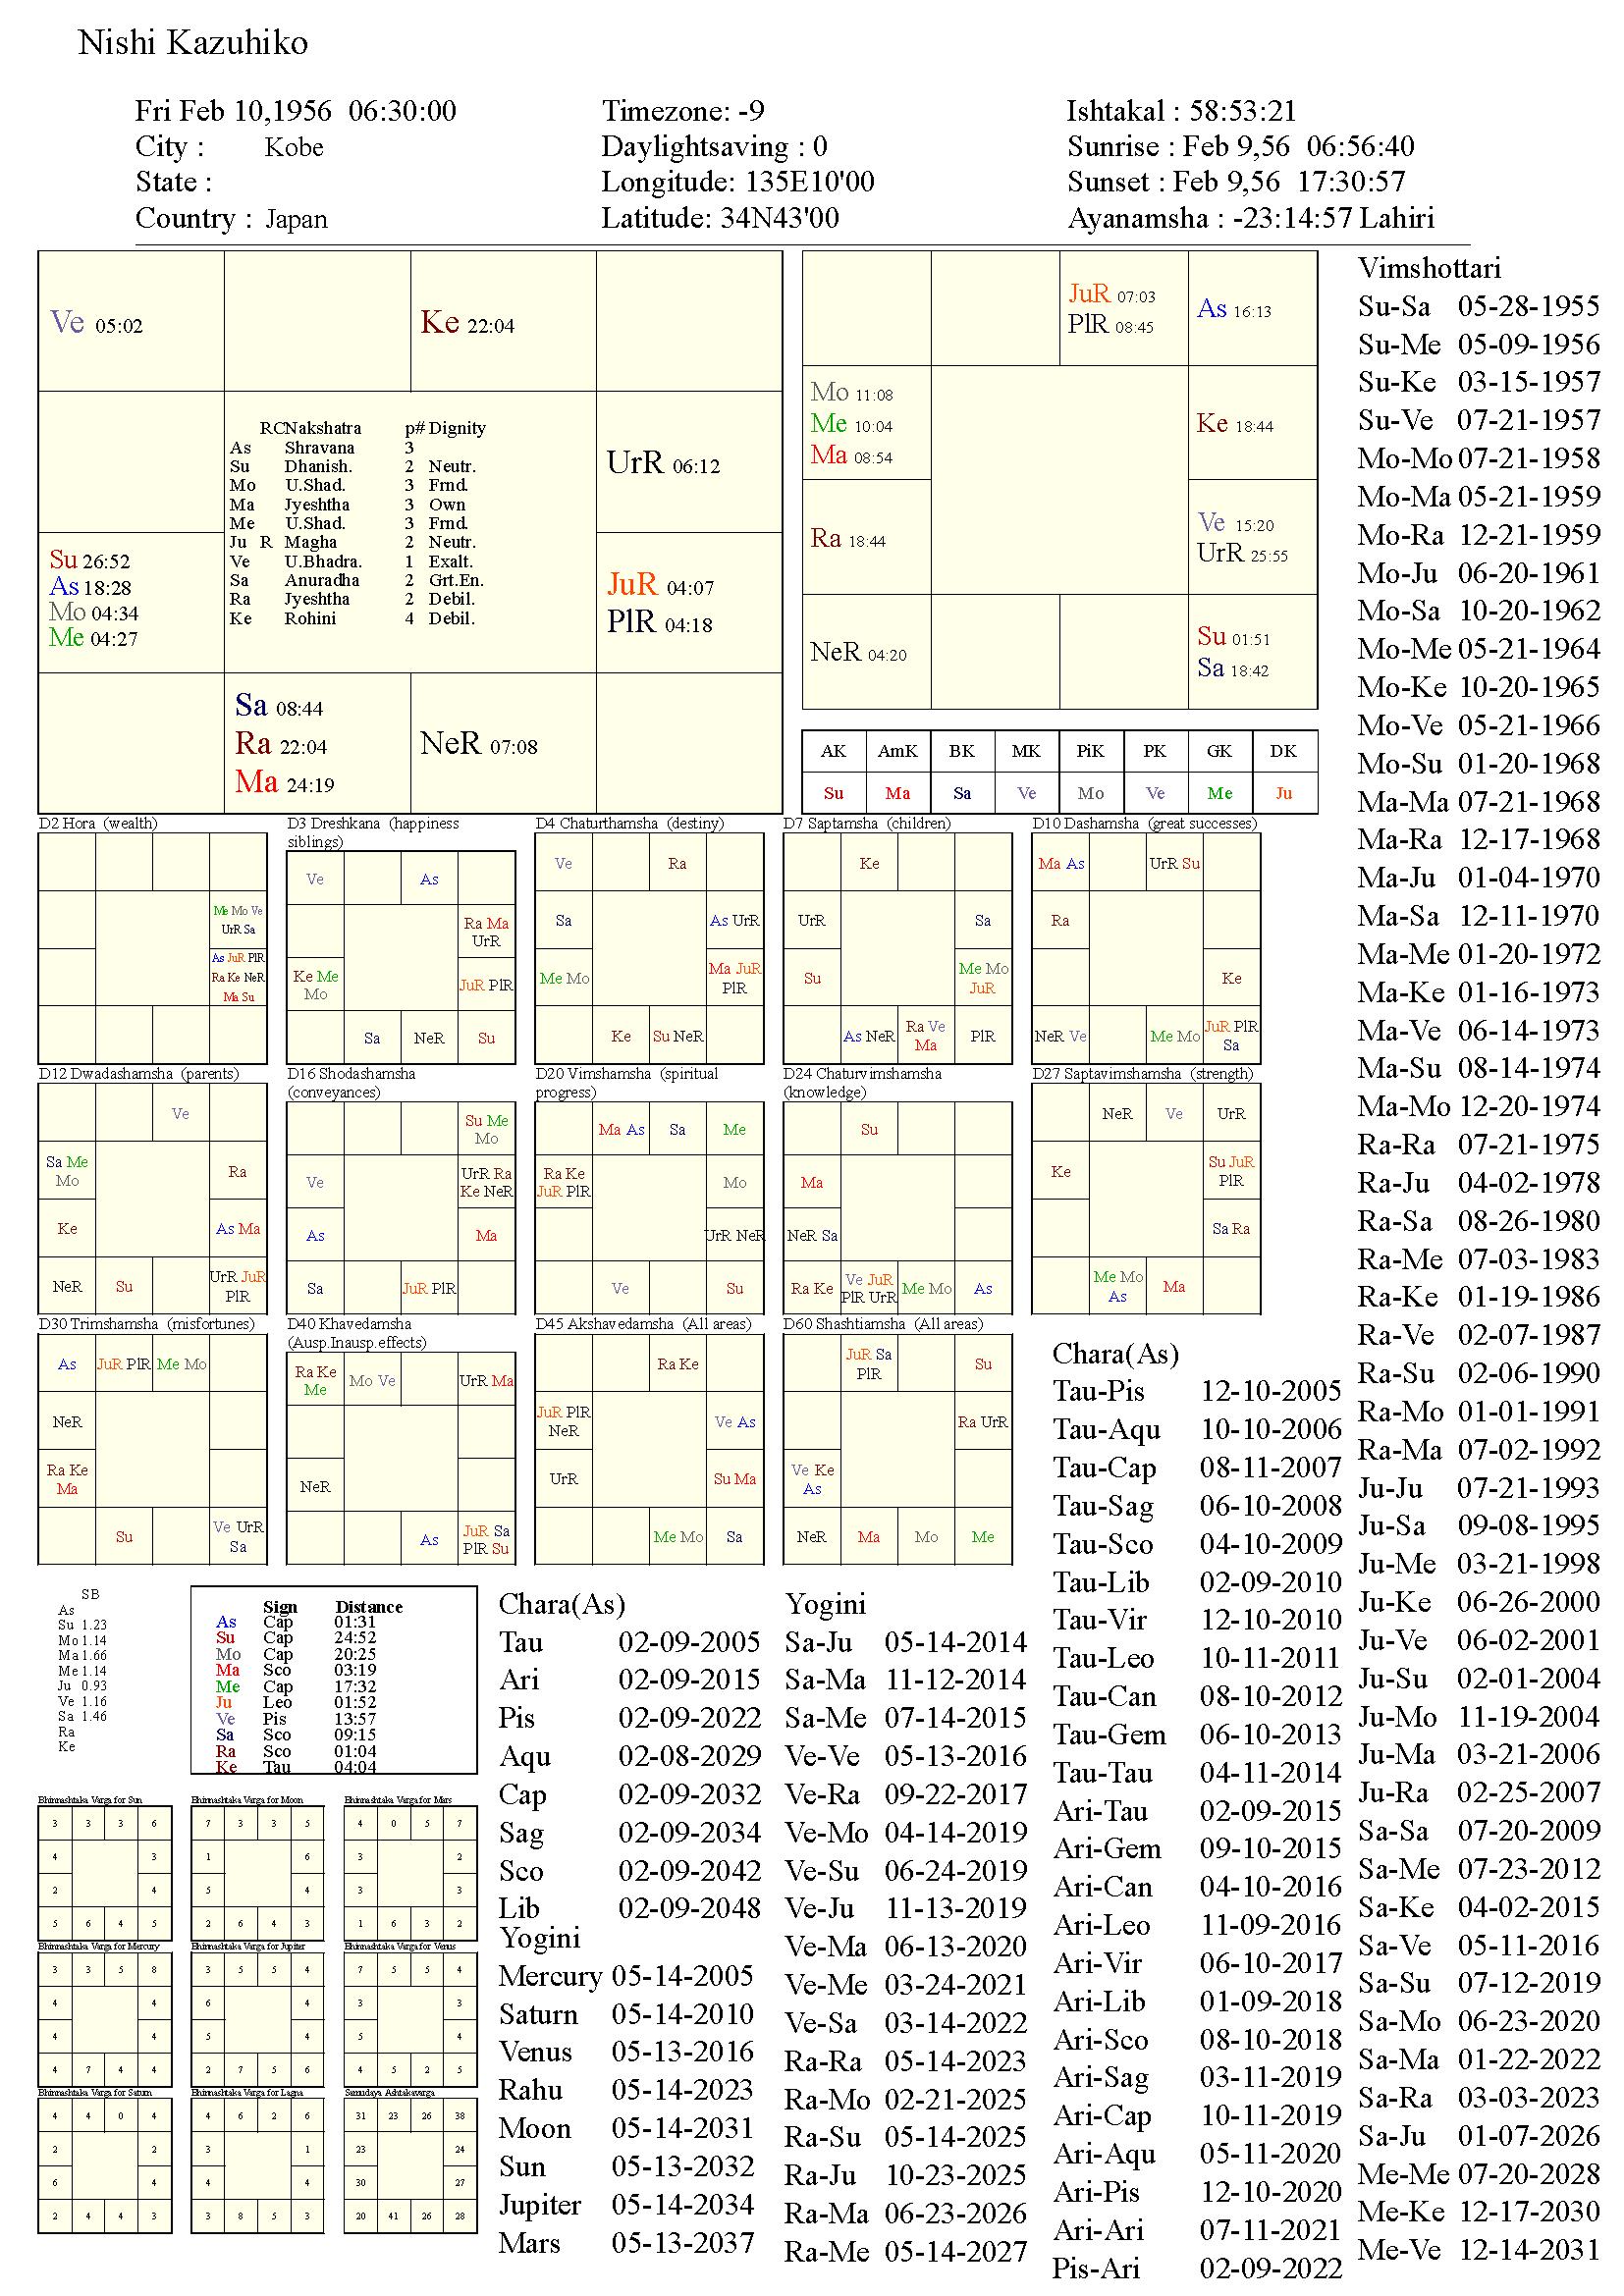 nishikazuhiko_chart